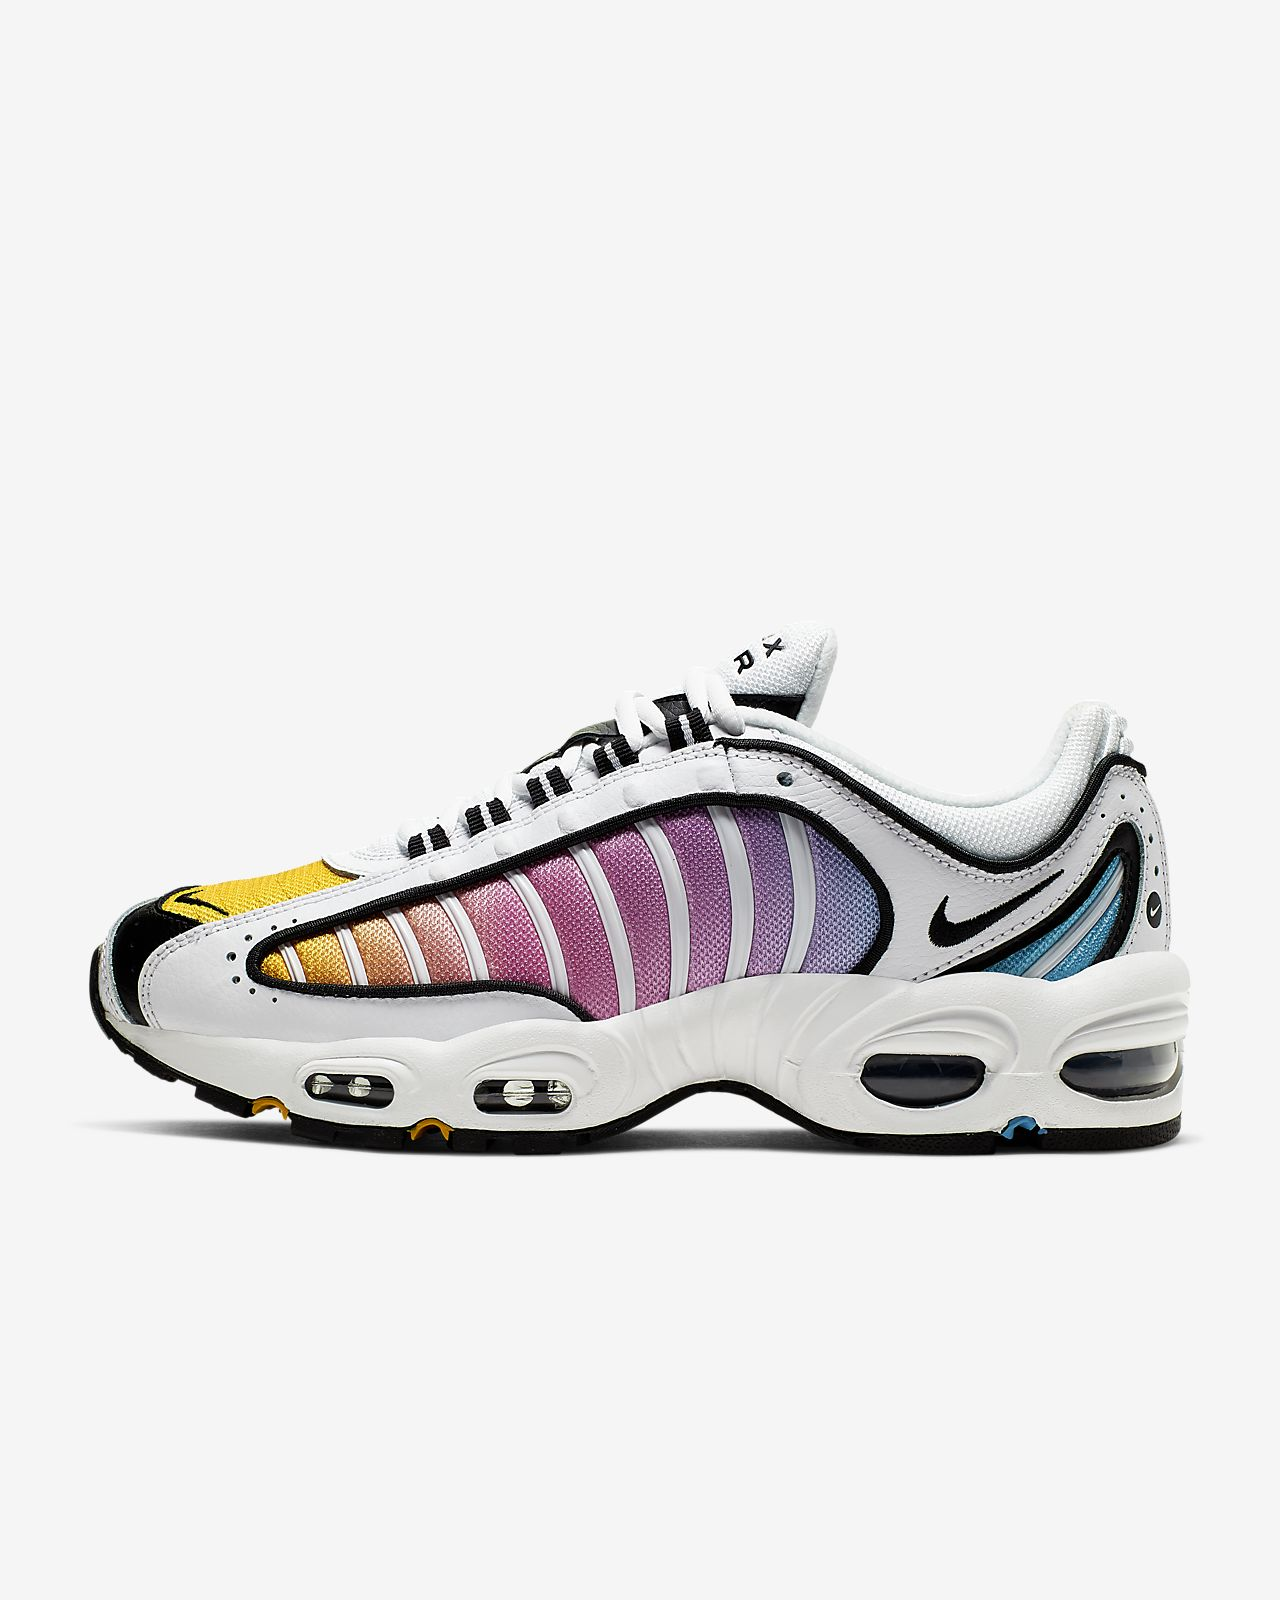 Nike Air Max Tailwind IV Damenschuh